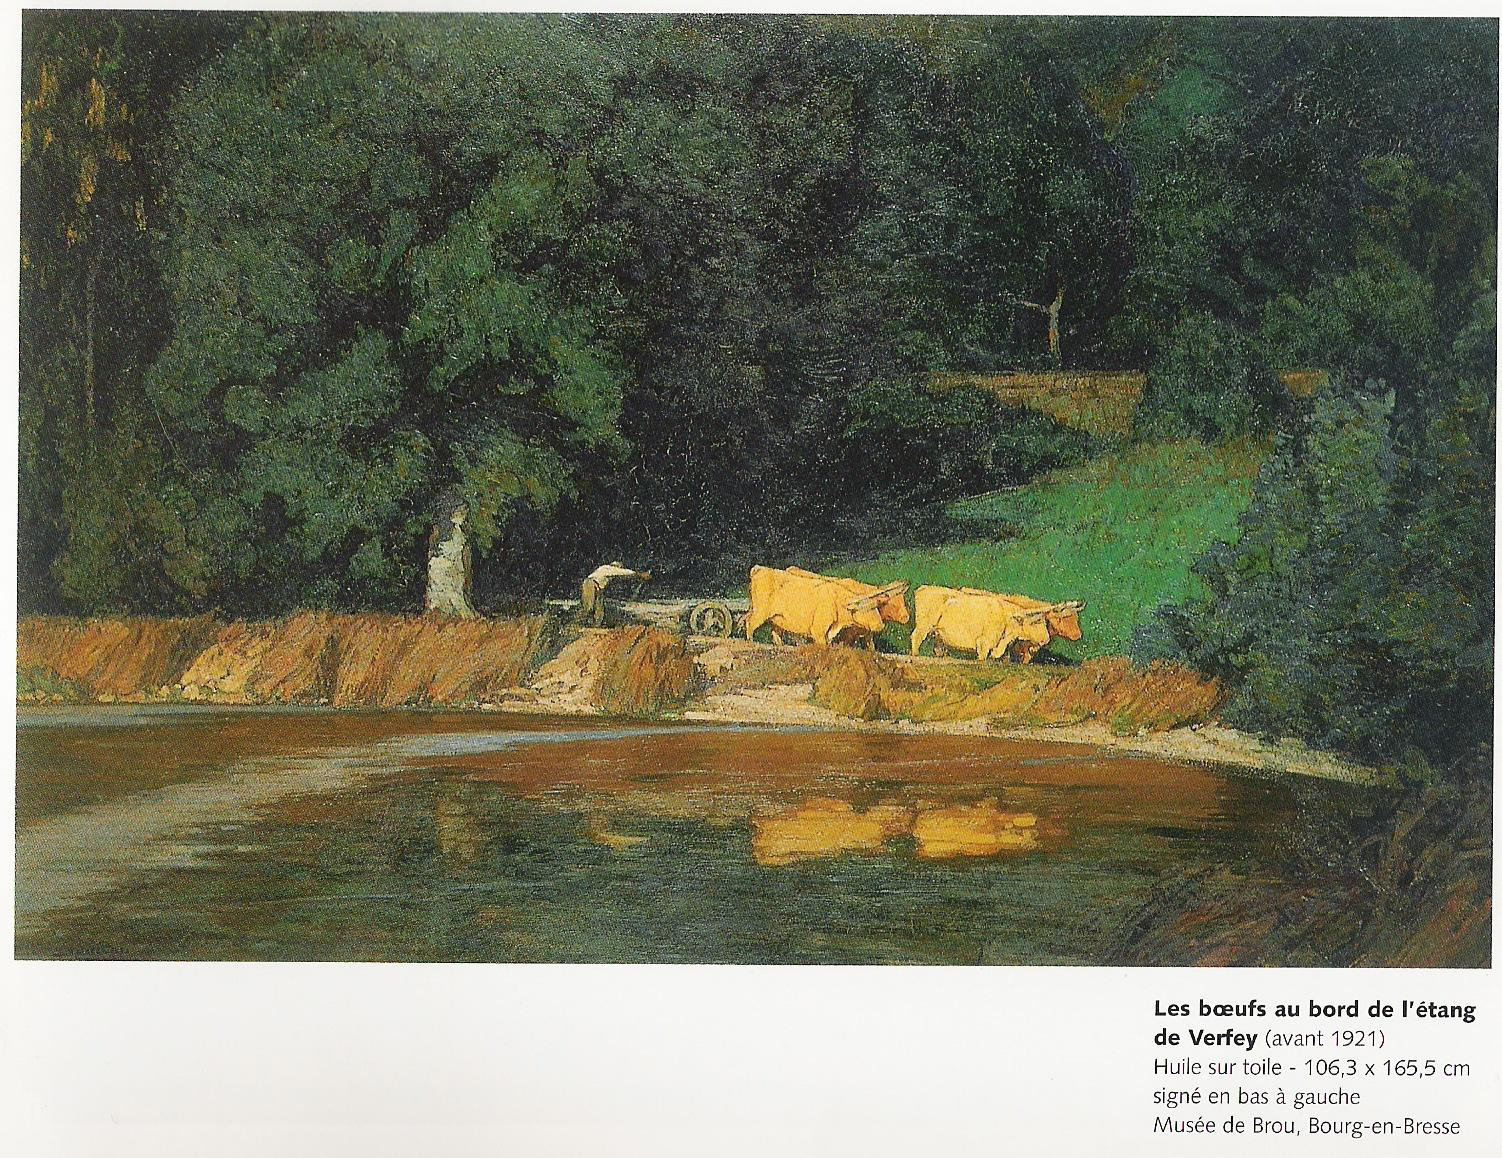 Les boeufs au bord de l'étang de Verfey (avant 1919)-Huile sur toile 106,3x165,5cm Musée de Brou à Bourg en Bresse